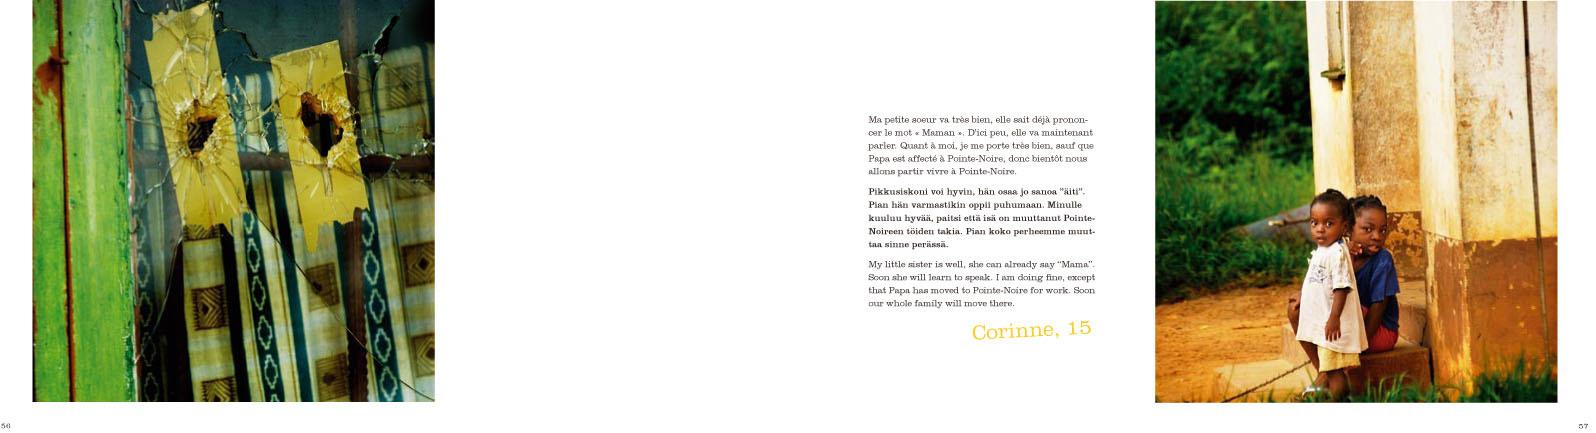 emoriya_molende_book_p-29.jpg